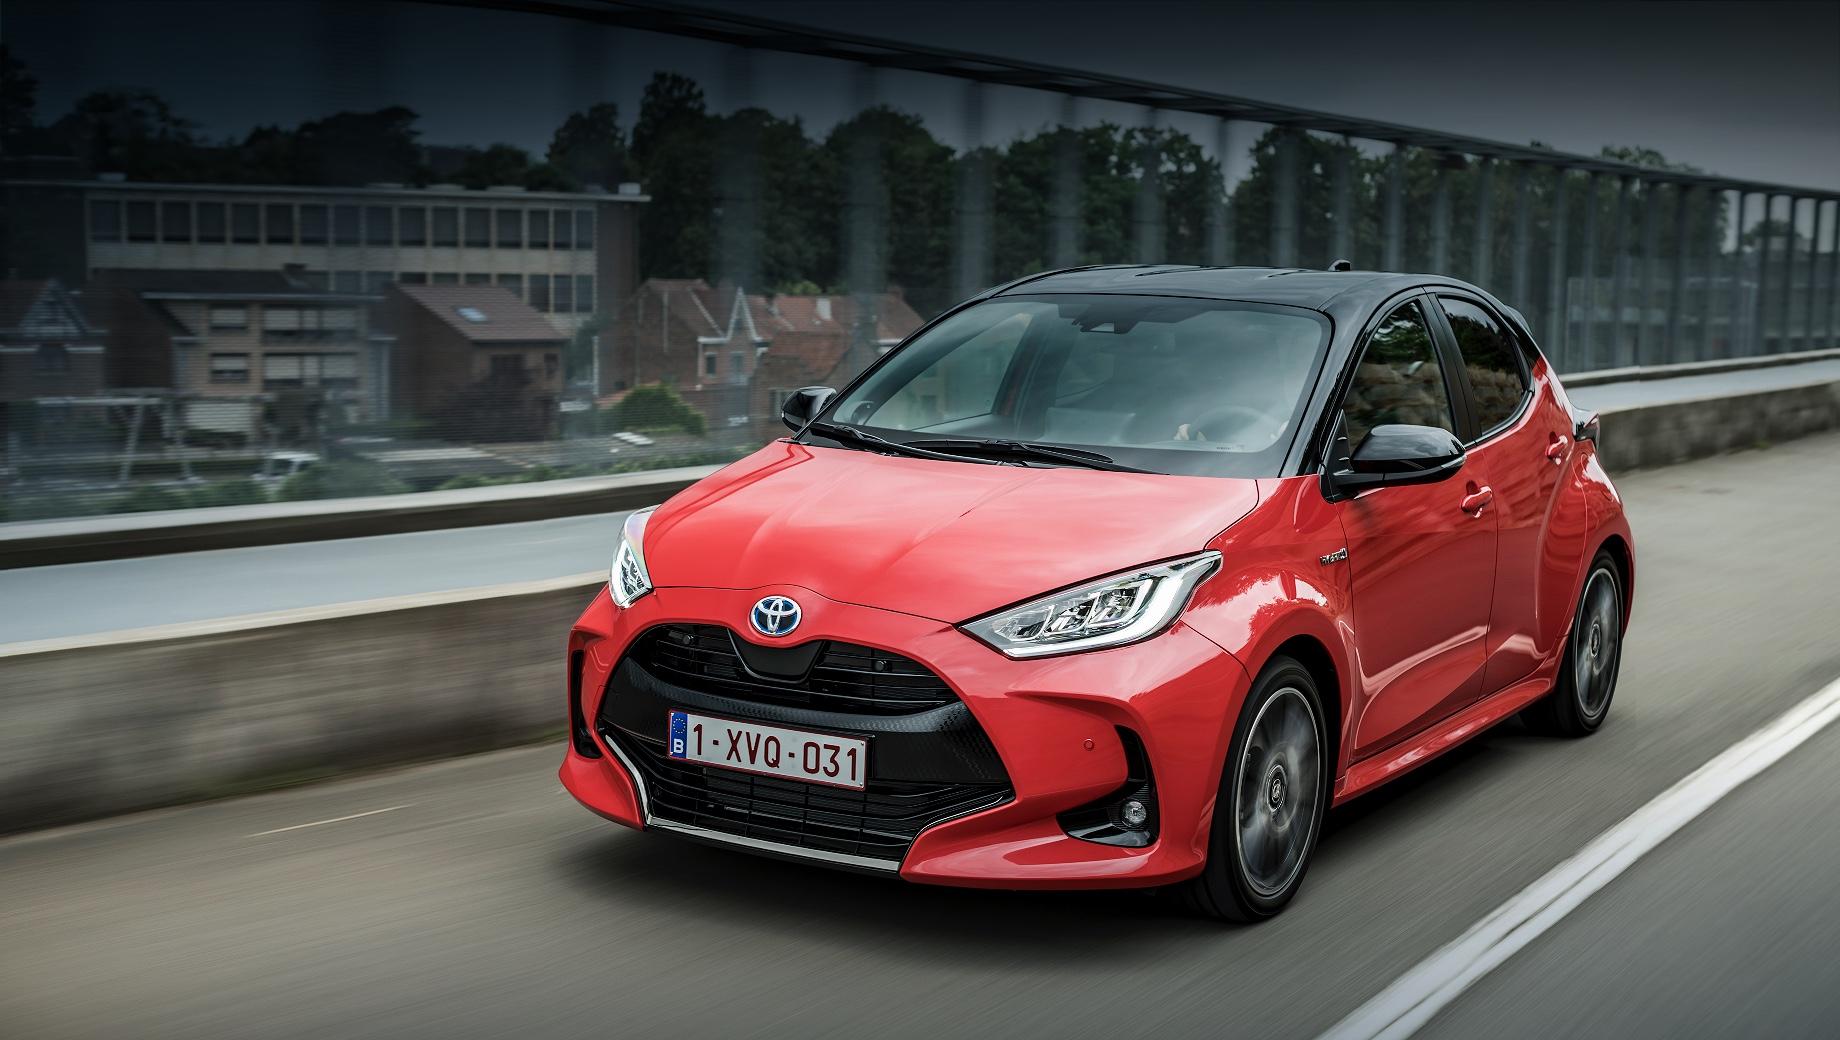 Хэтчбек Toyota Yaris стал «Автомобилем года» в Европе